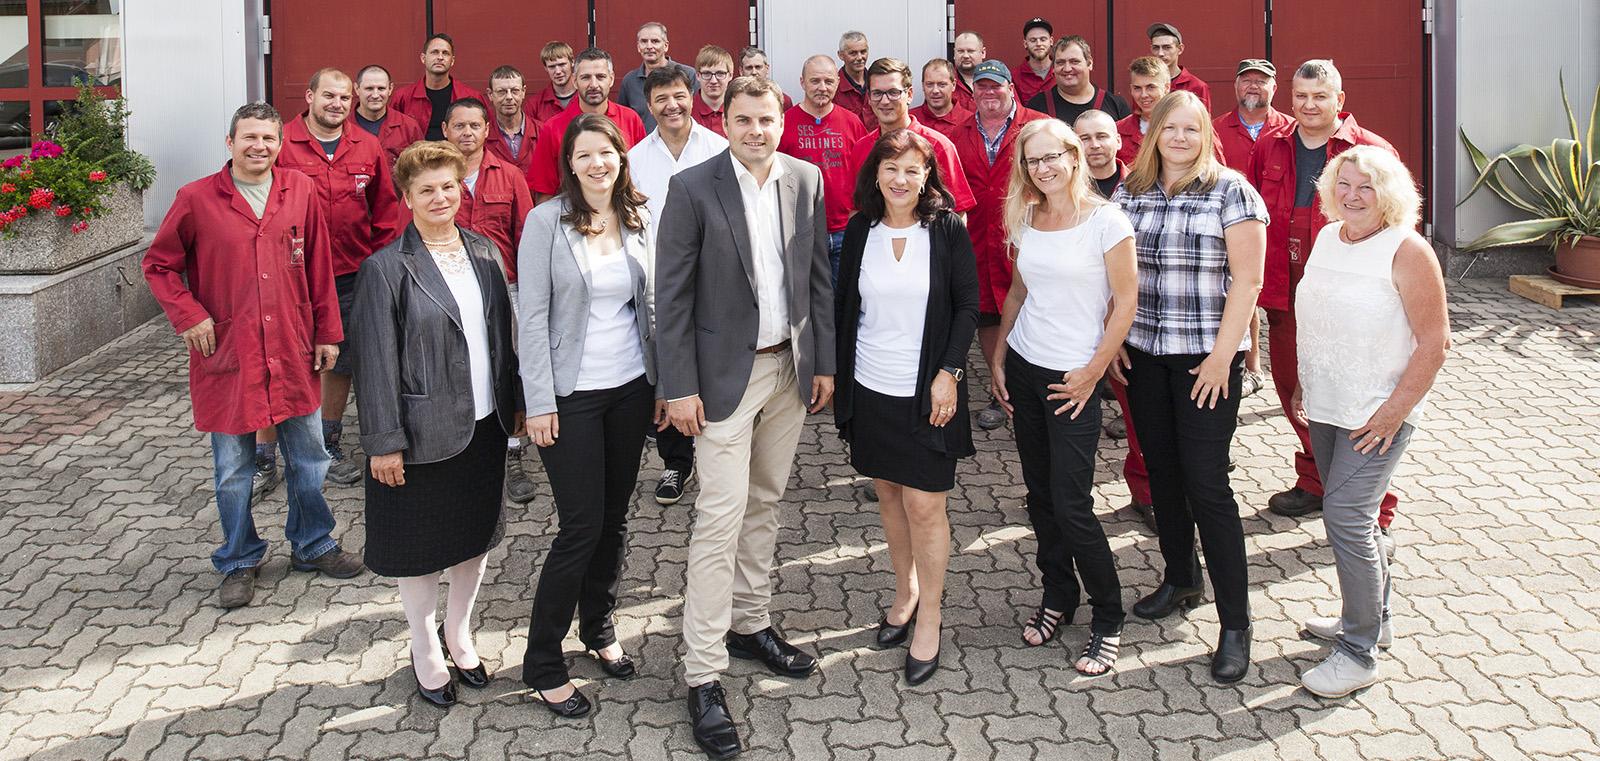 Gruppenfoto Blumschein 3 web